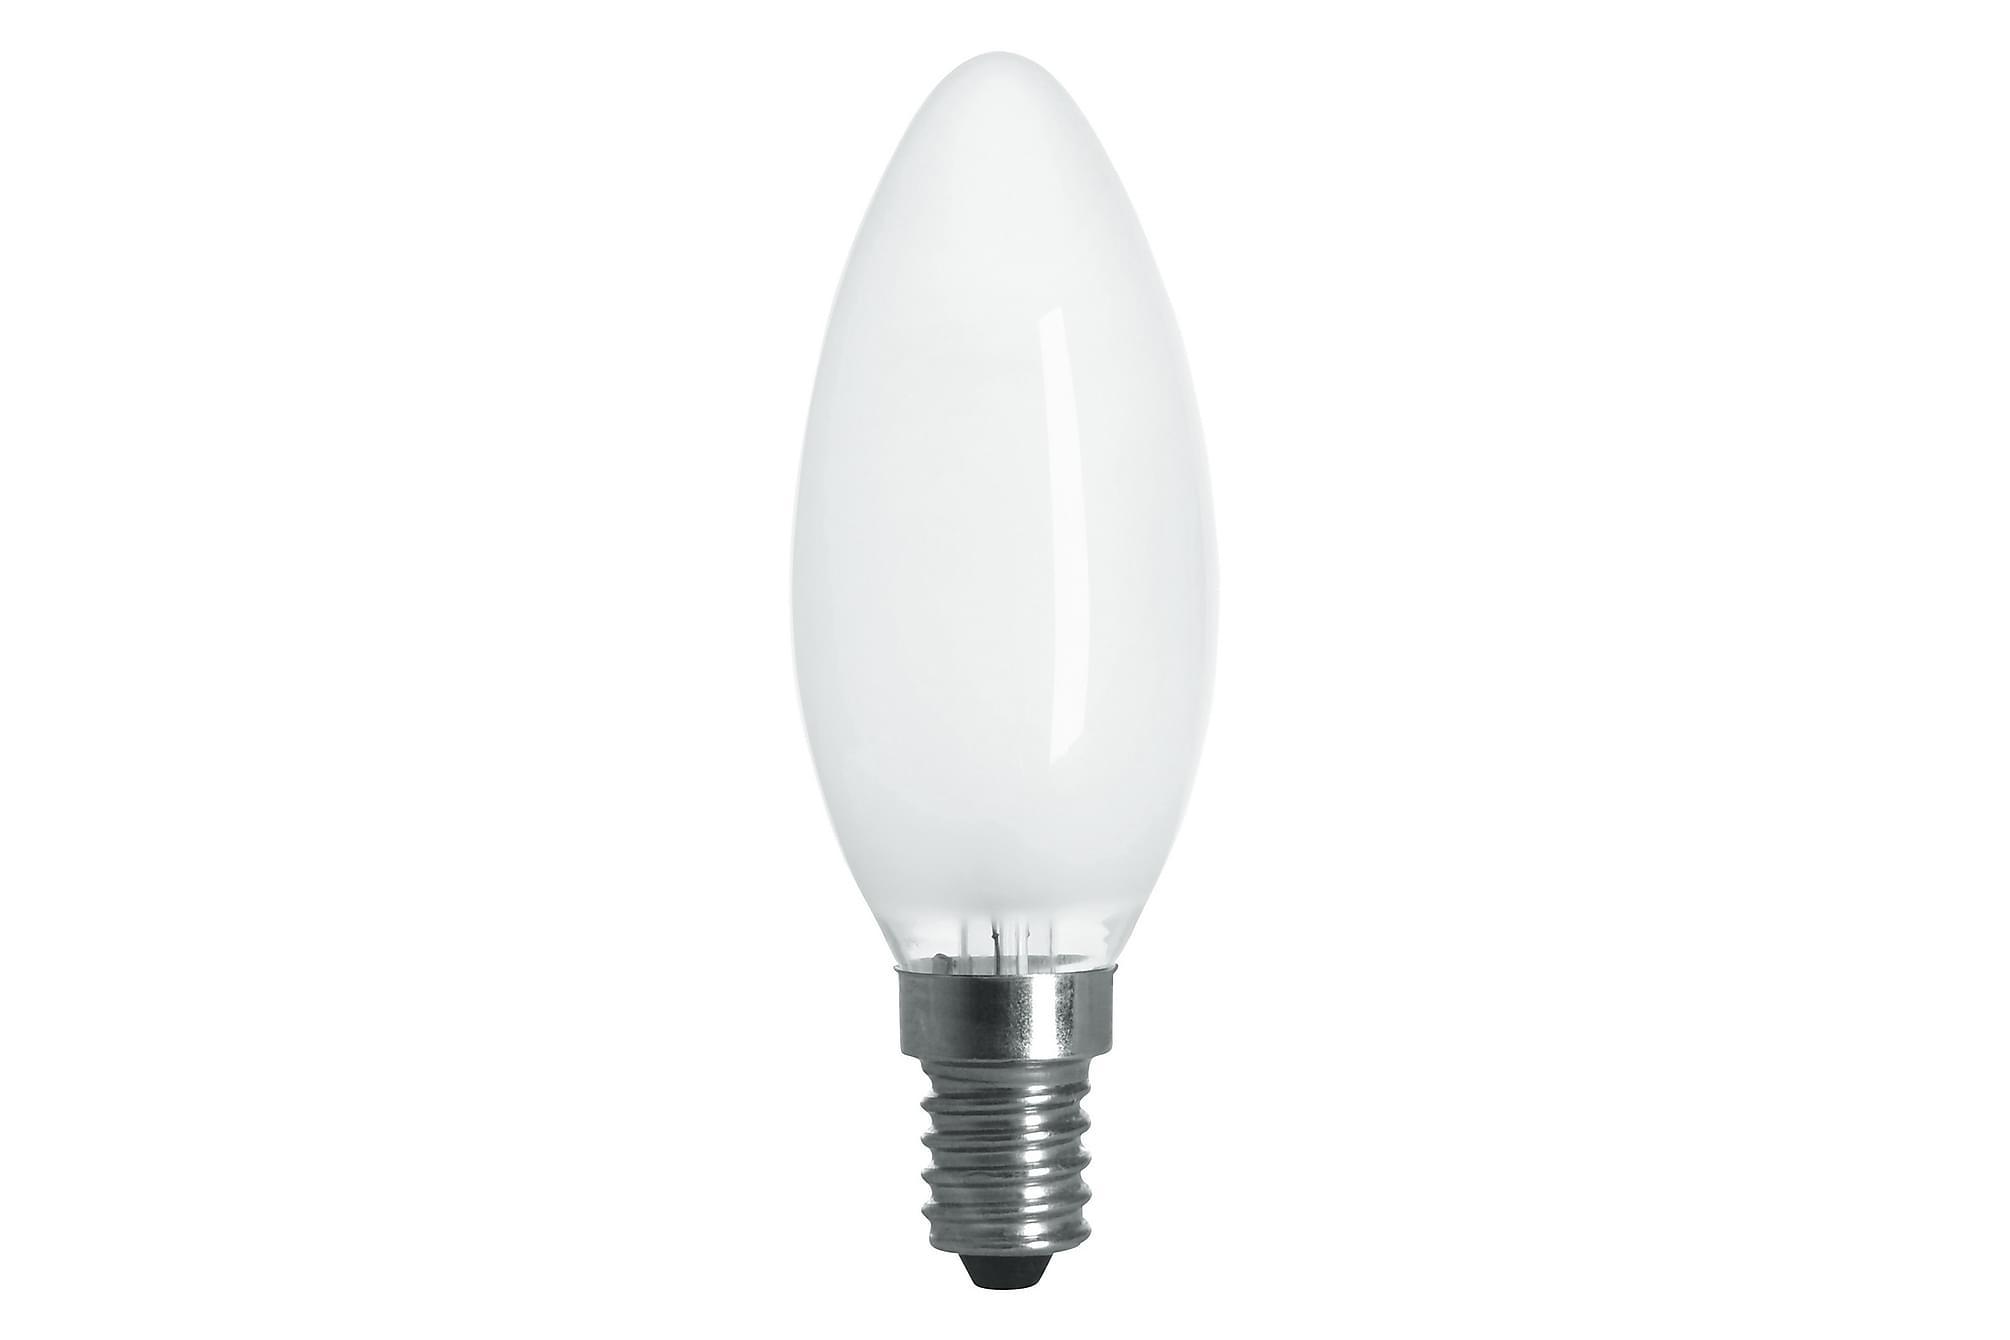 JUNG LED-lampa 1,8W E14 2700K Filament Opal, Glödlampor & ljuskällor